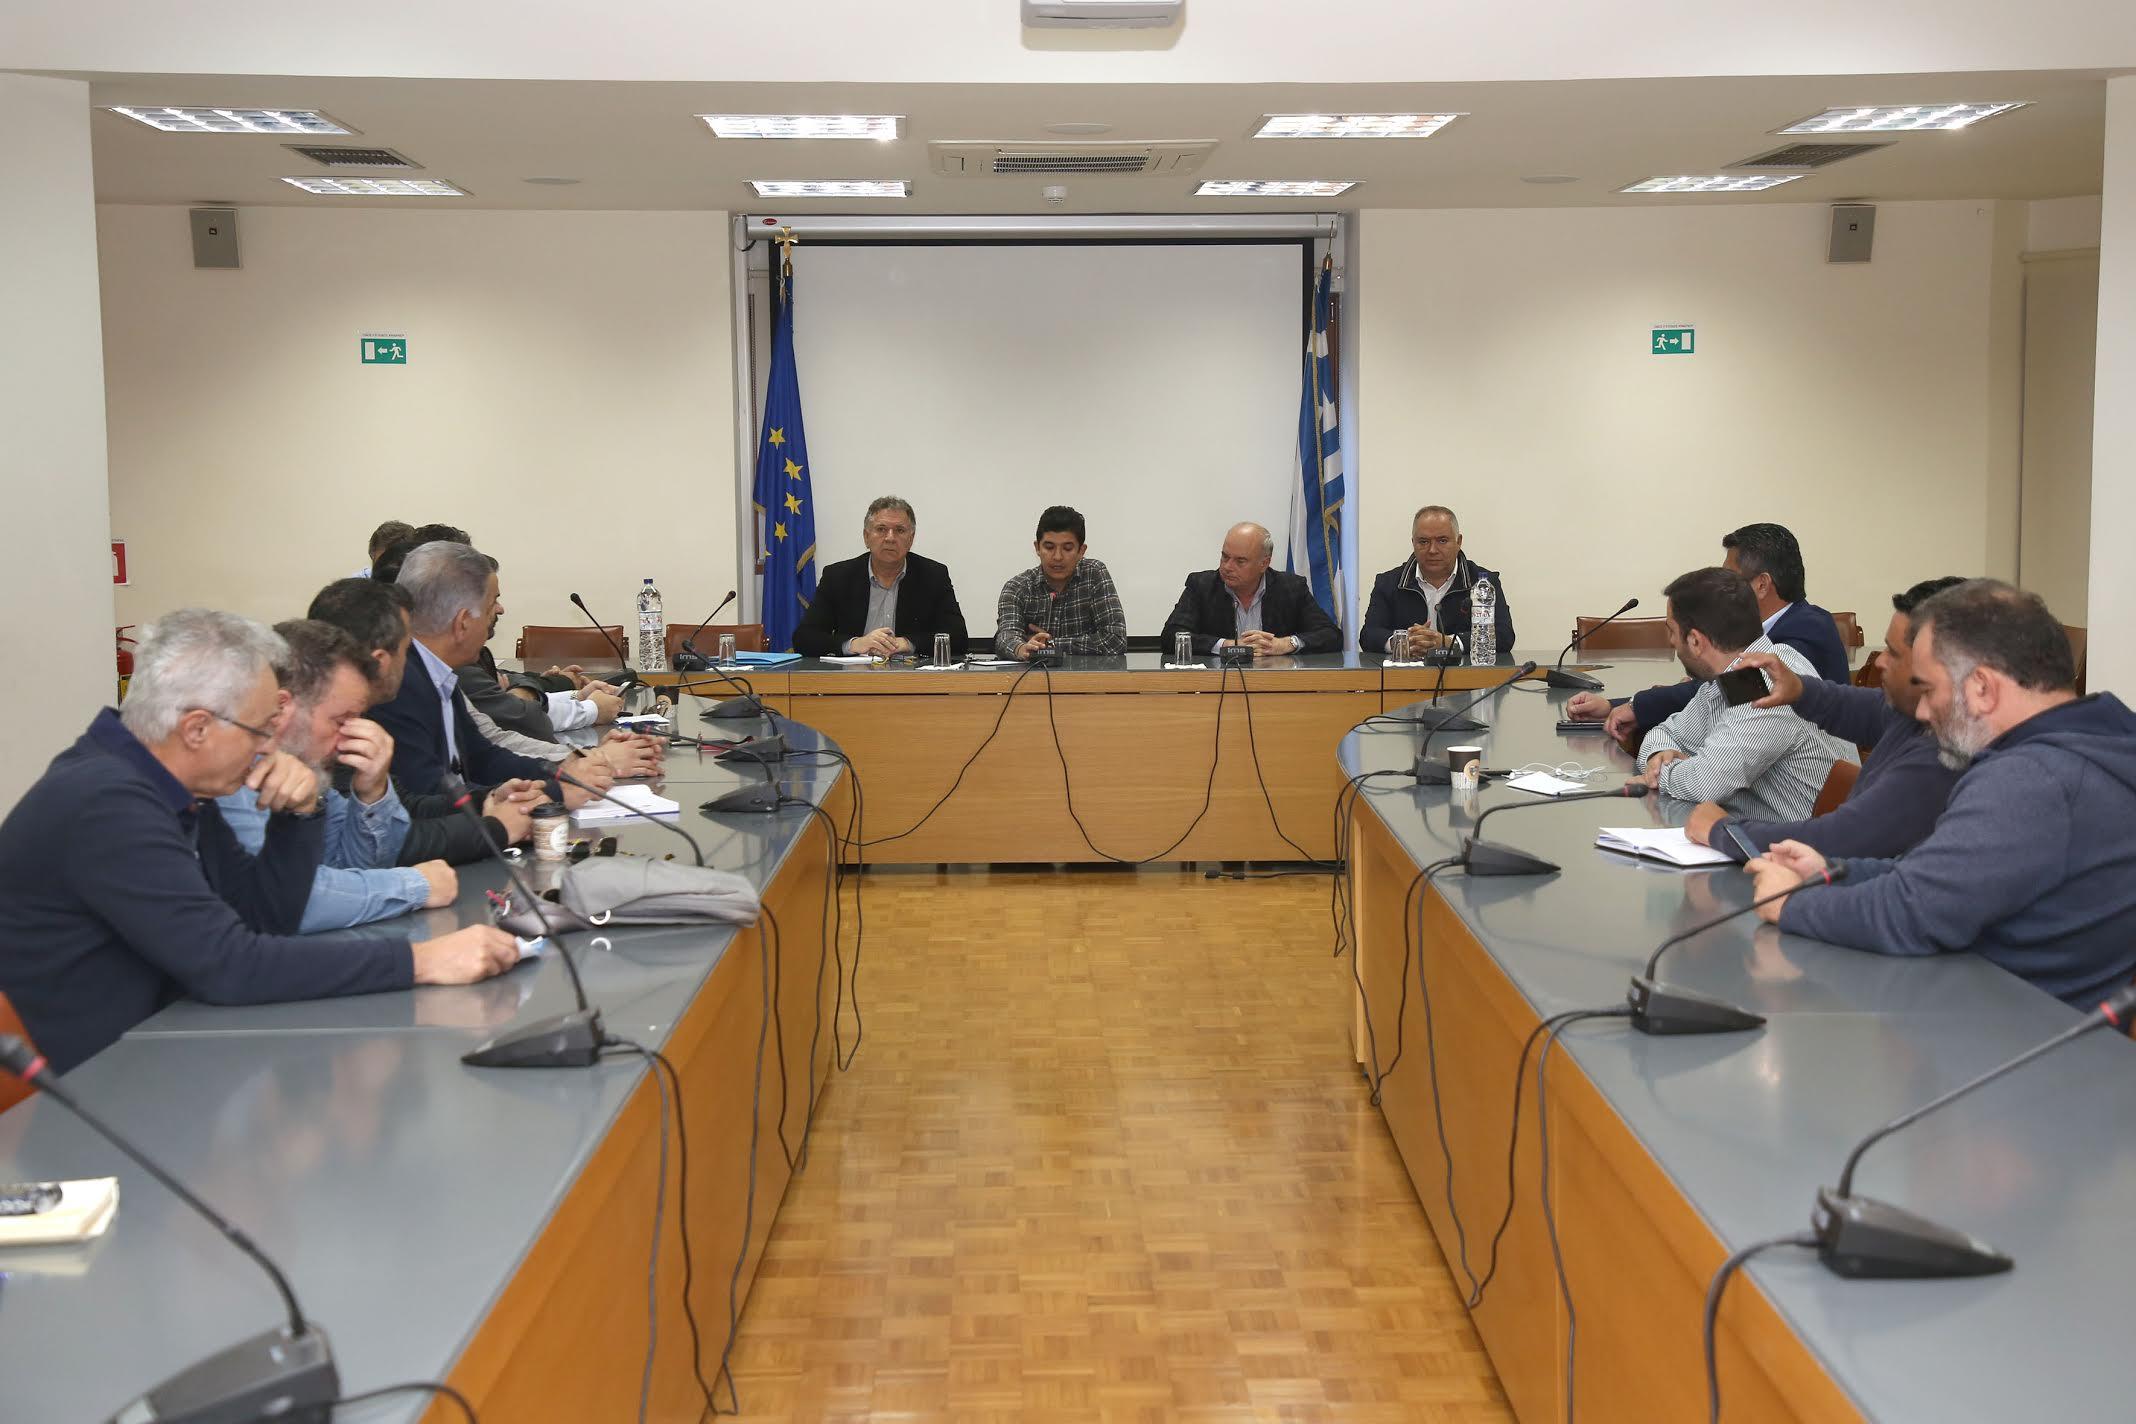 0-2-11 Ζητούνται επειγόντως μέτρα στήριξης του ελαιολάδου